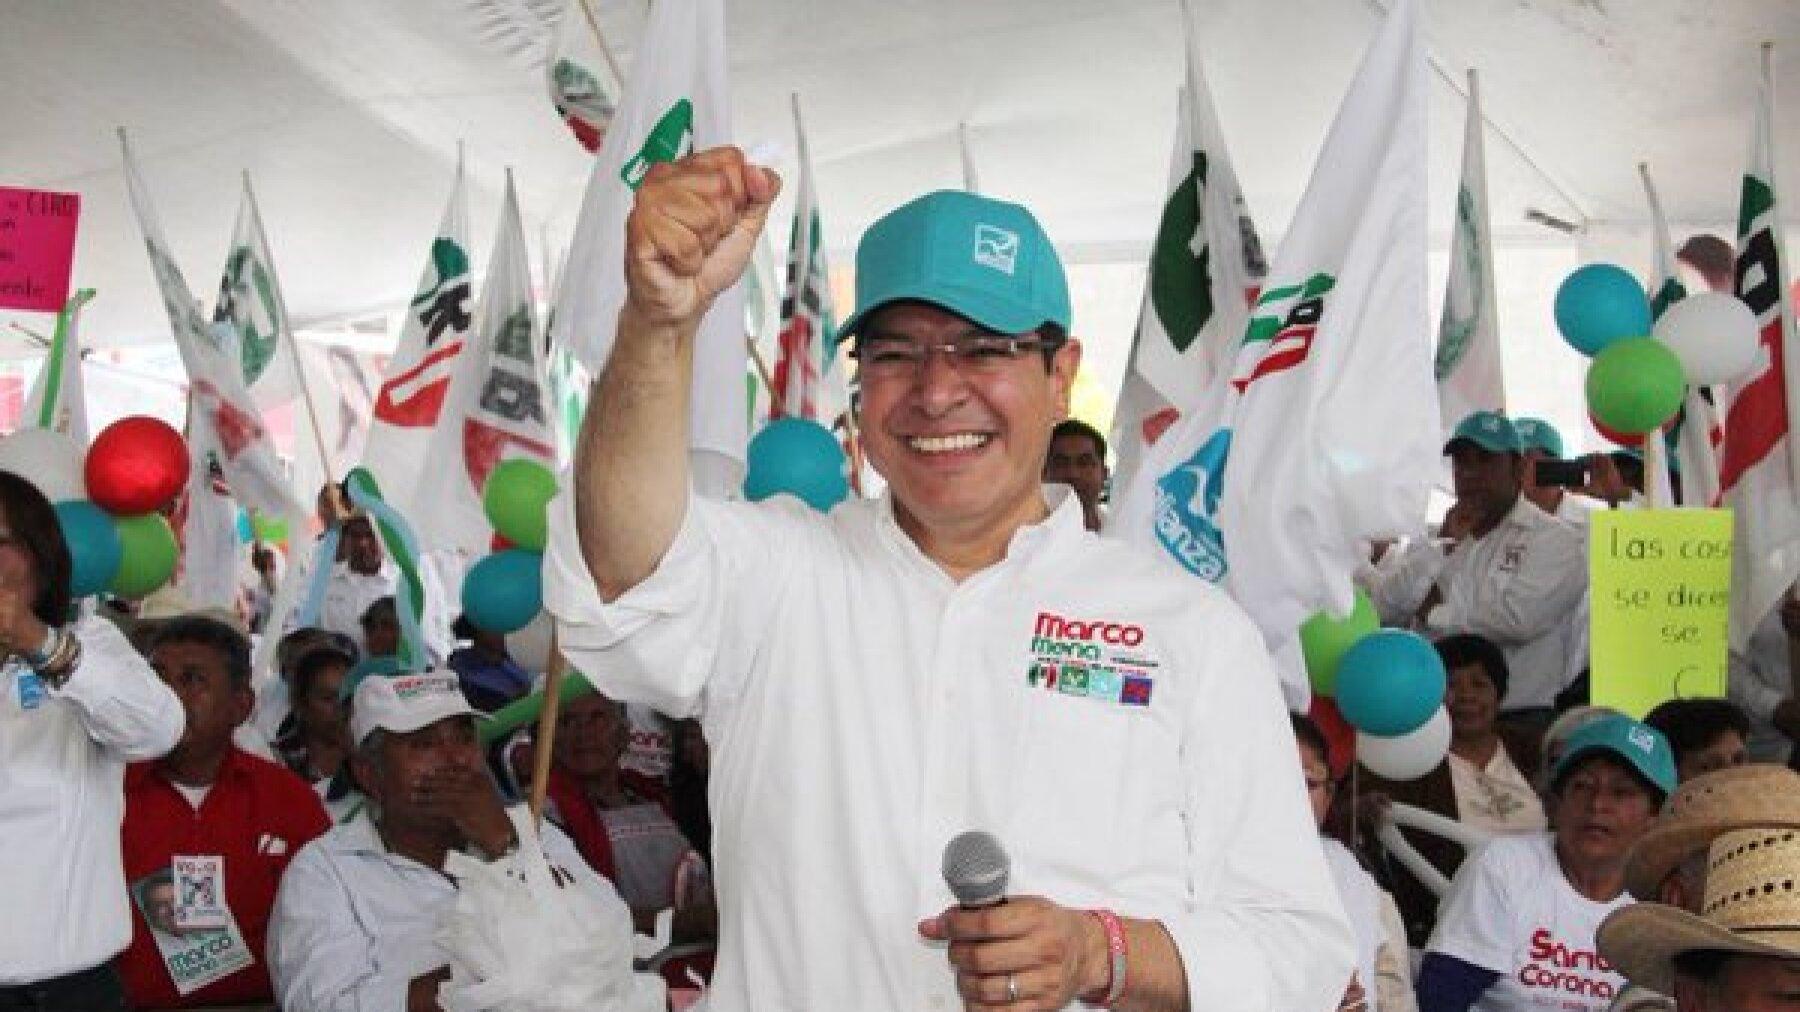 1 gubernatura, 60 alcaldías y 25 diputaciones estuvieron en disputa en las elecciones del 5 de junio.